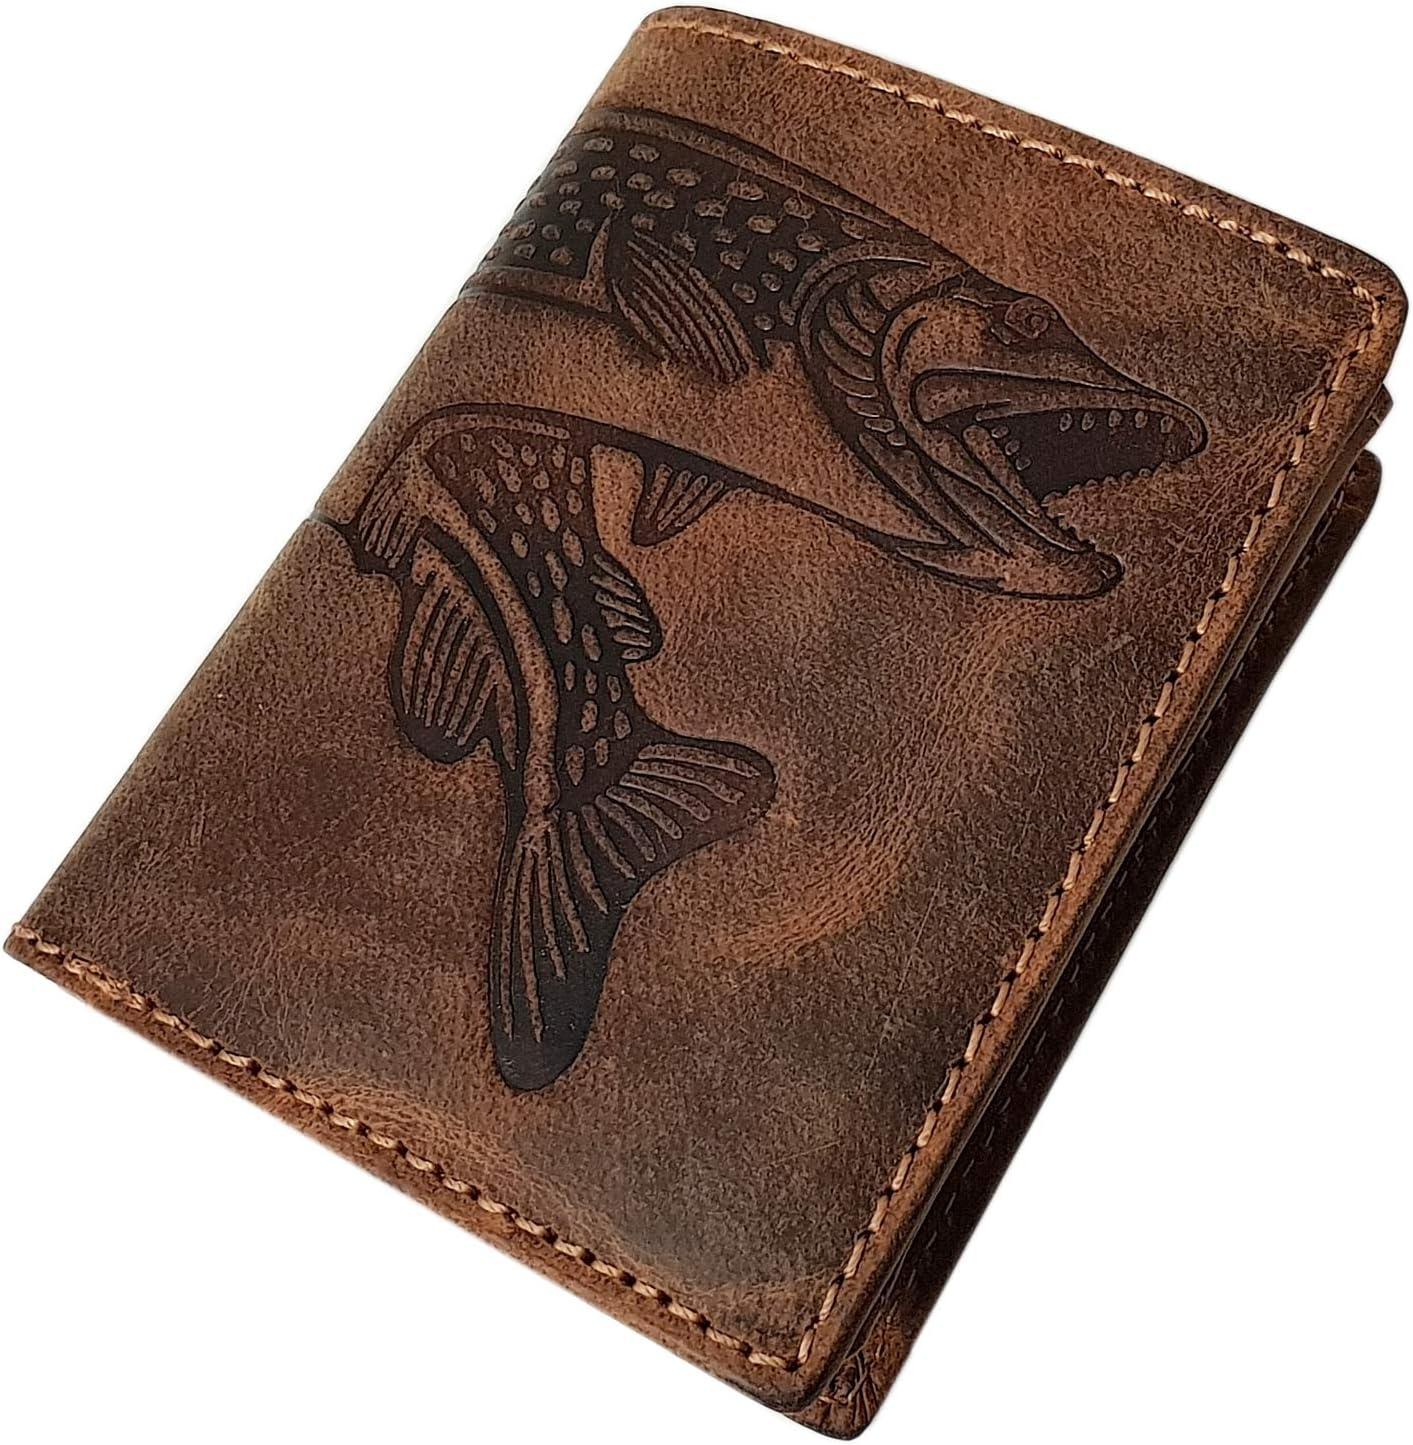 Pequeño Cuero de búfalo Cartera con Pescado-Motivo con Bloqueo RFID y NFC en marrón